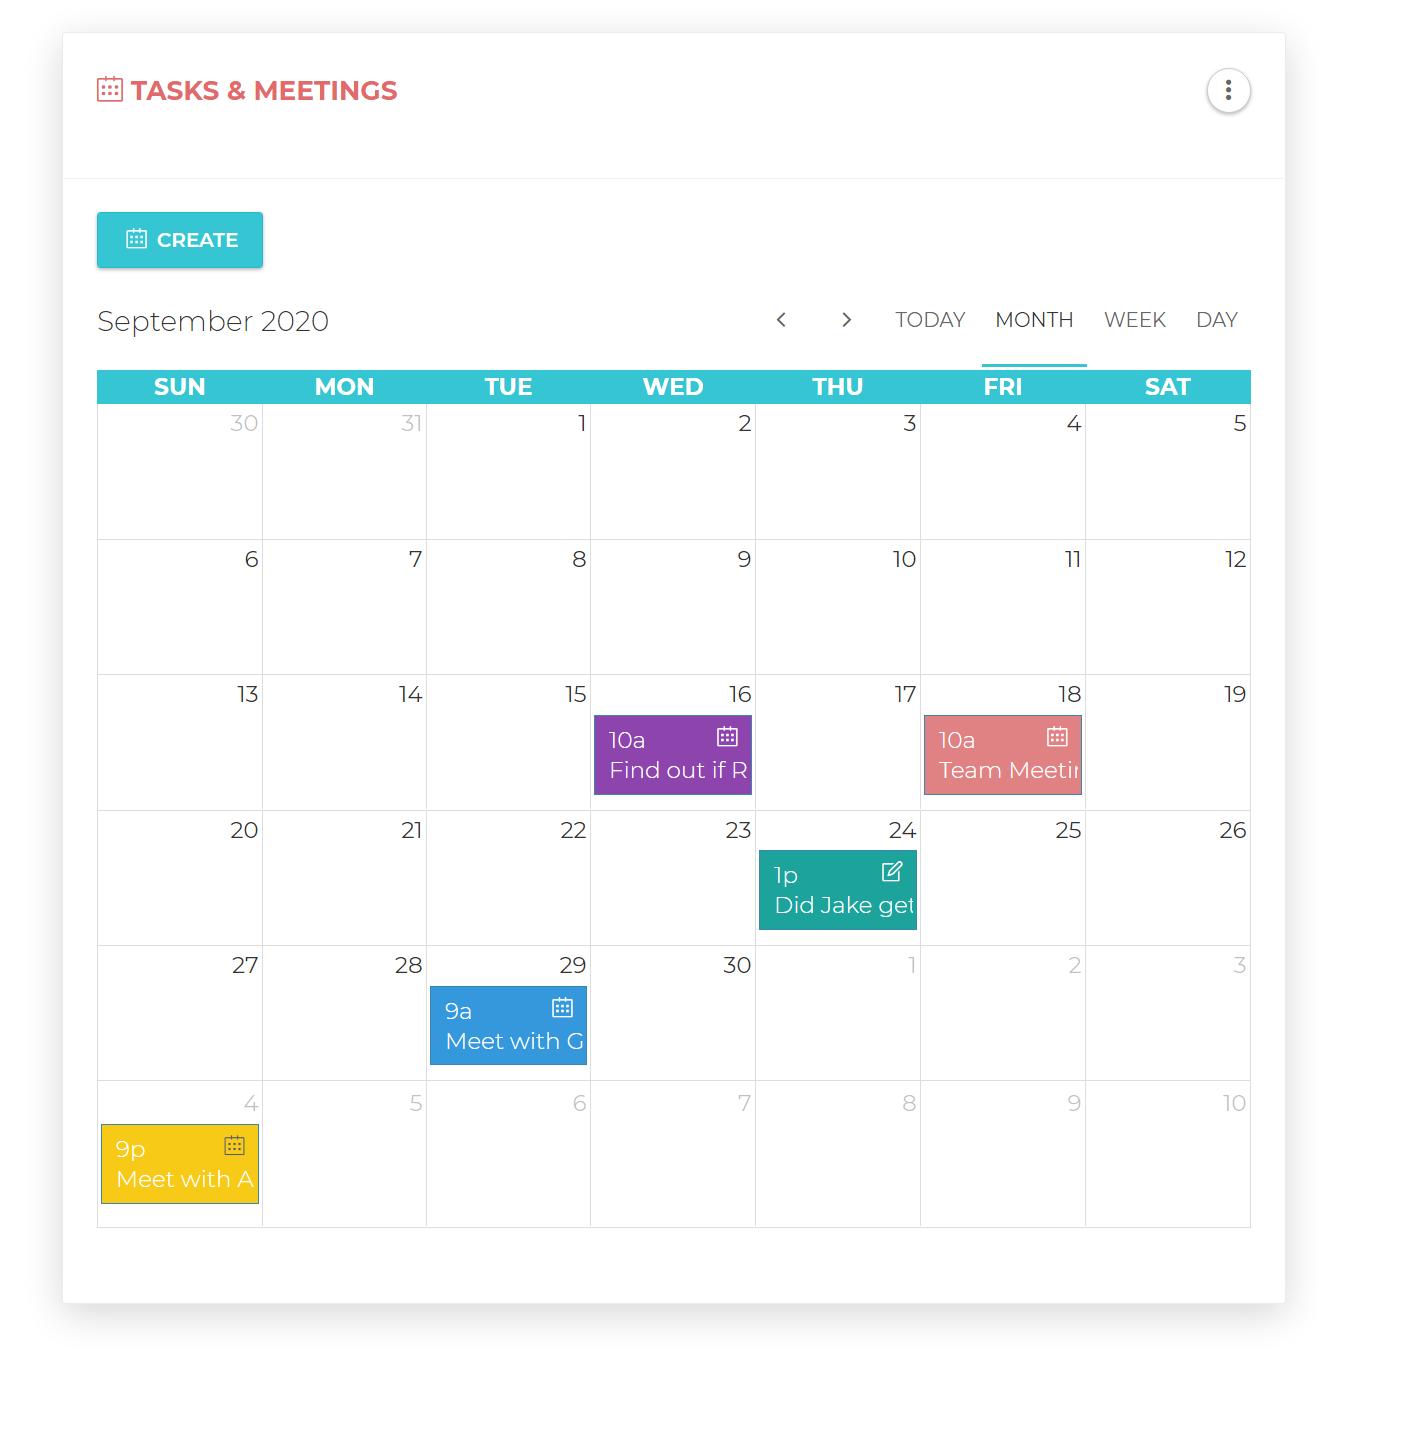 Tasks and Meetings